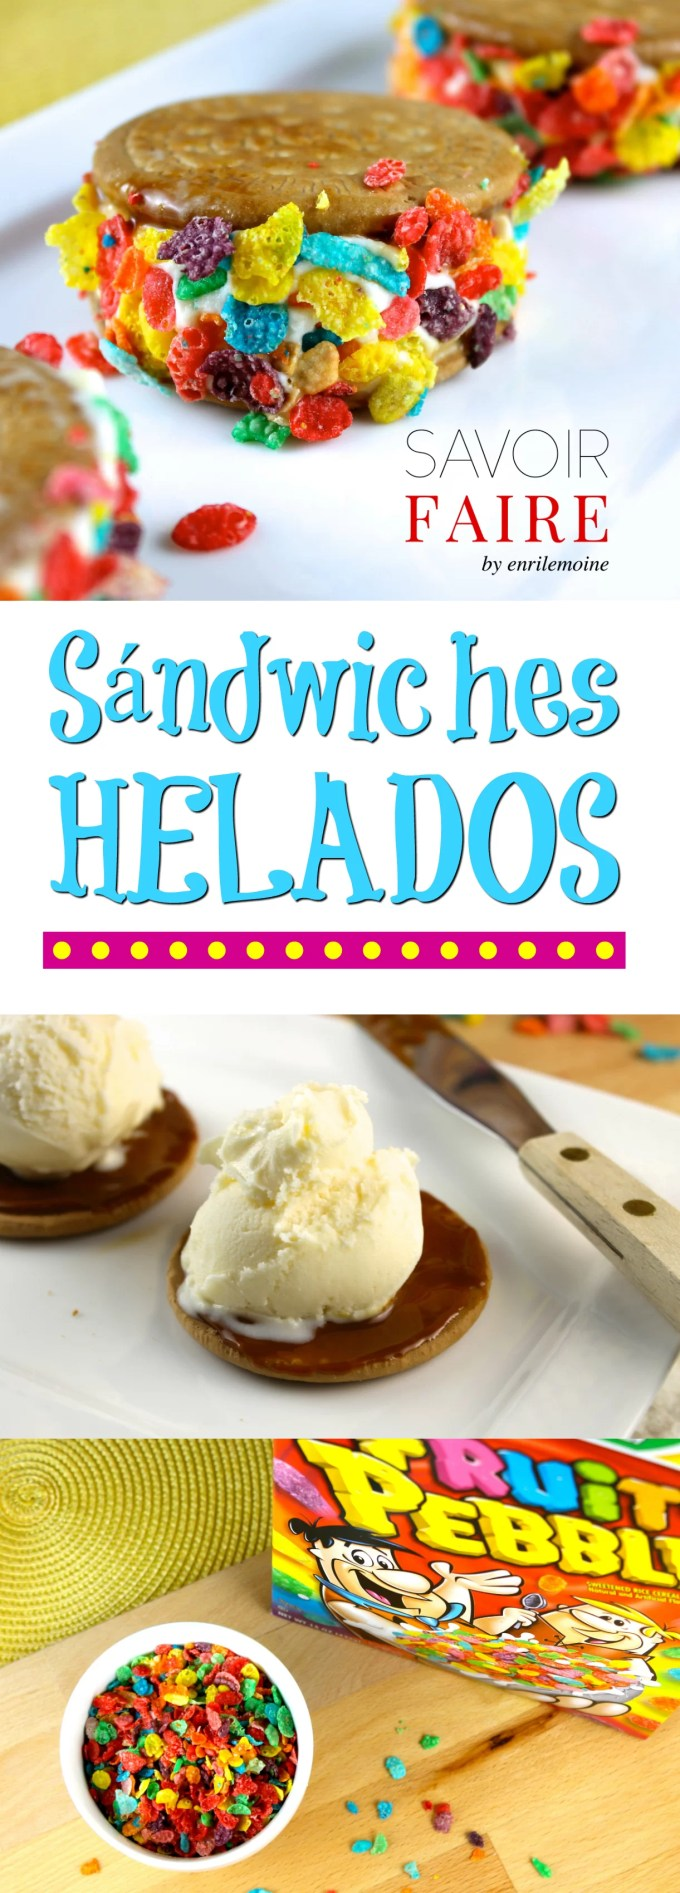 Galletas María, dulce de leche, helado de vainilla y cereal es todo lo que necesitas para hacer estos sándwiches helados para la merienda.